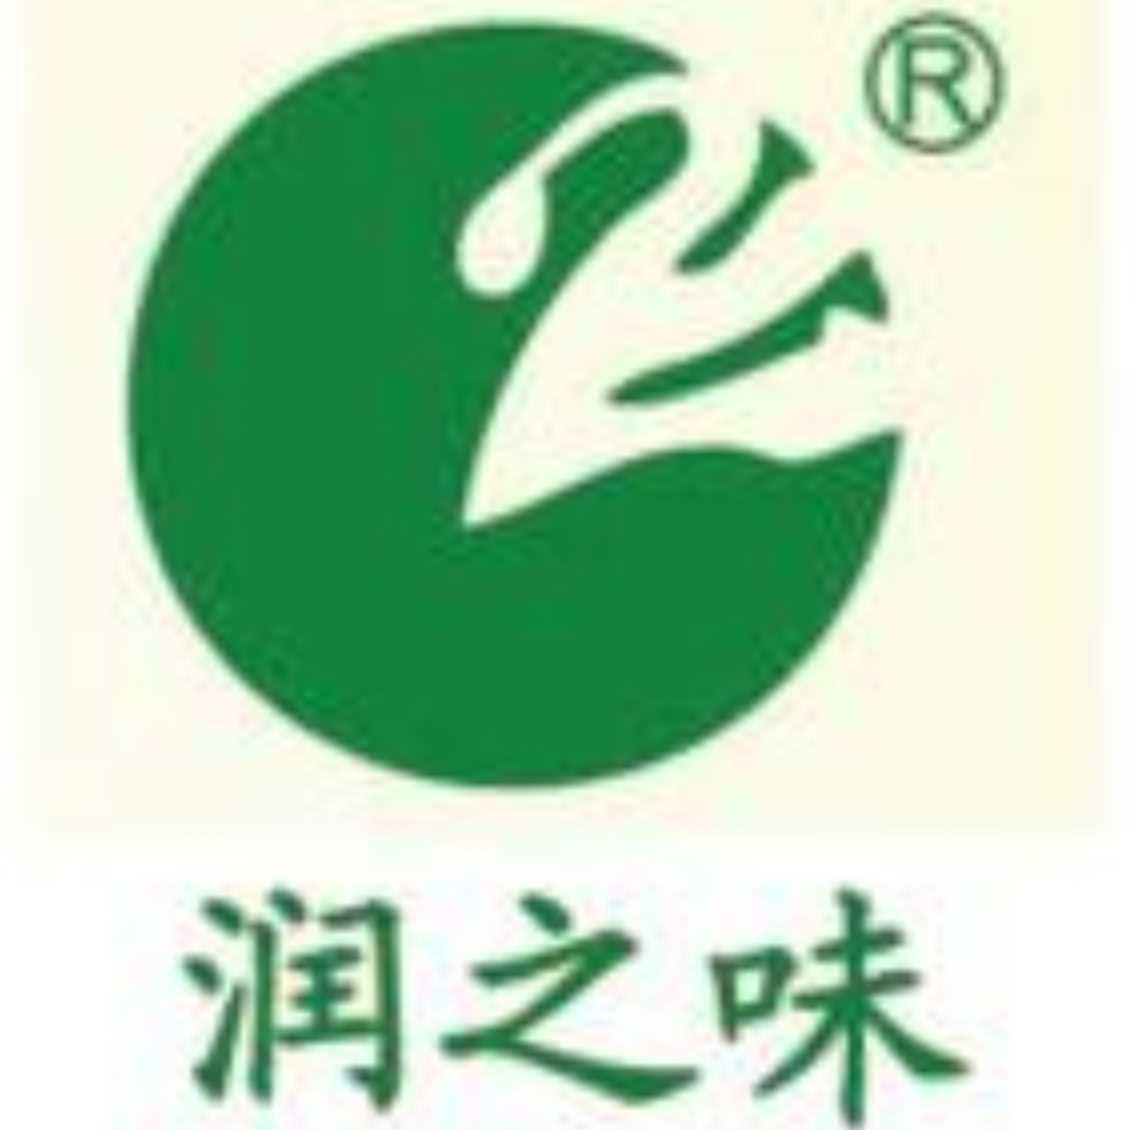 江苏润佳源食品有限公司